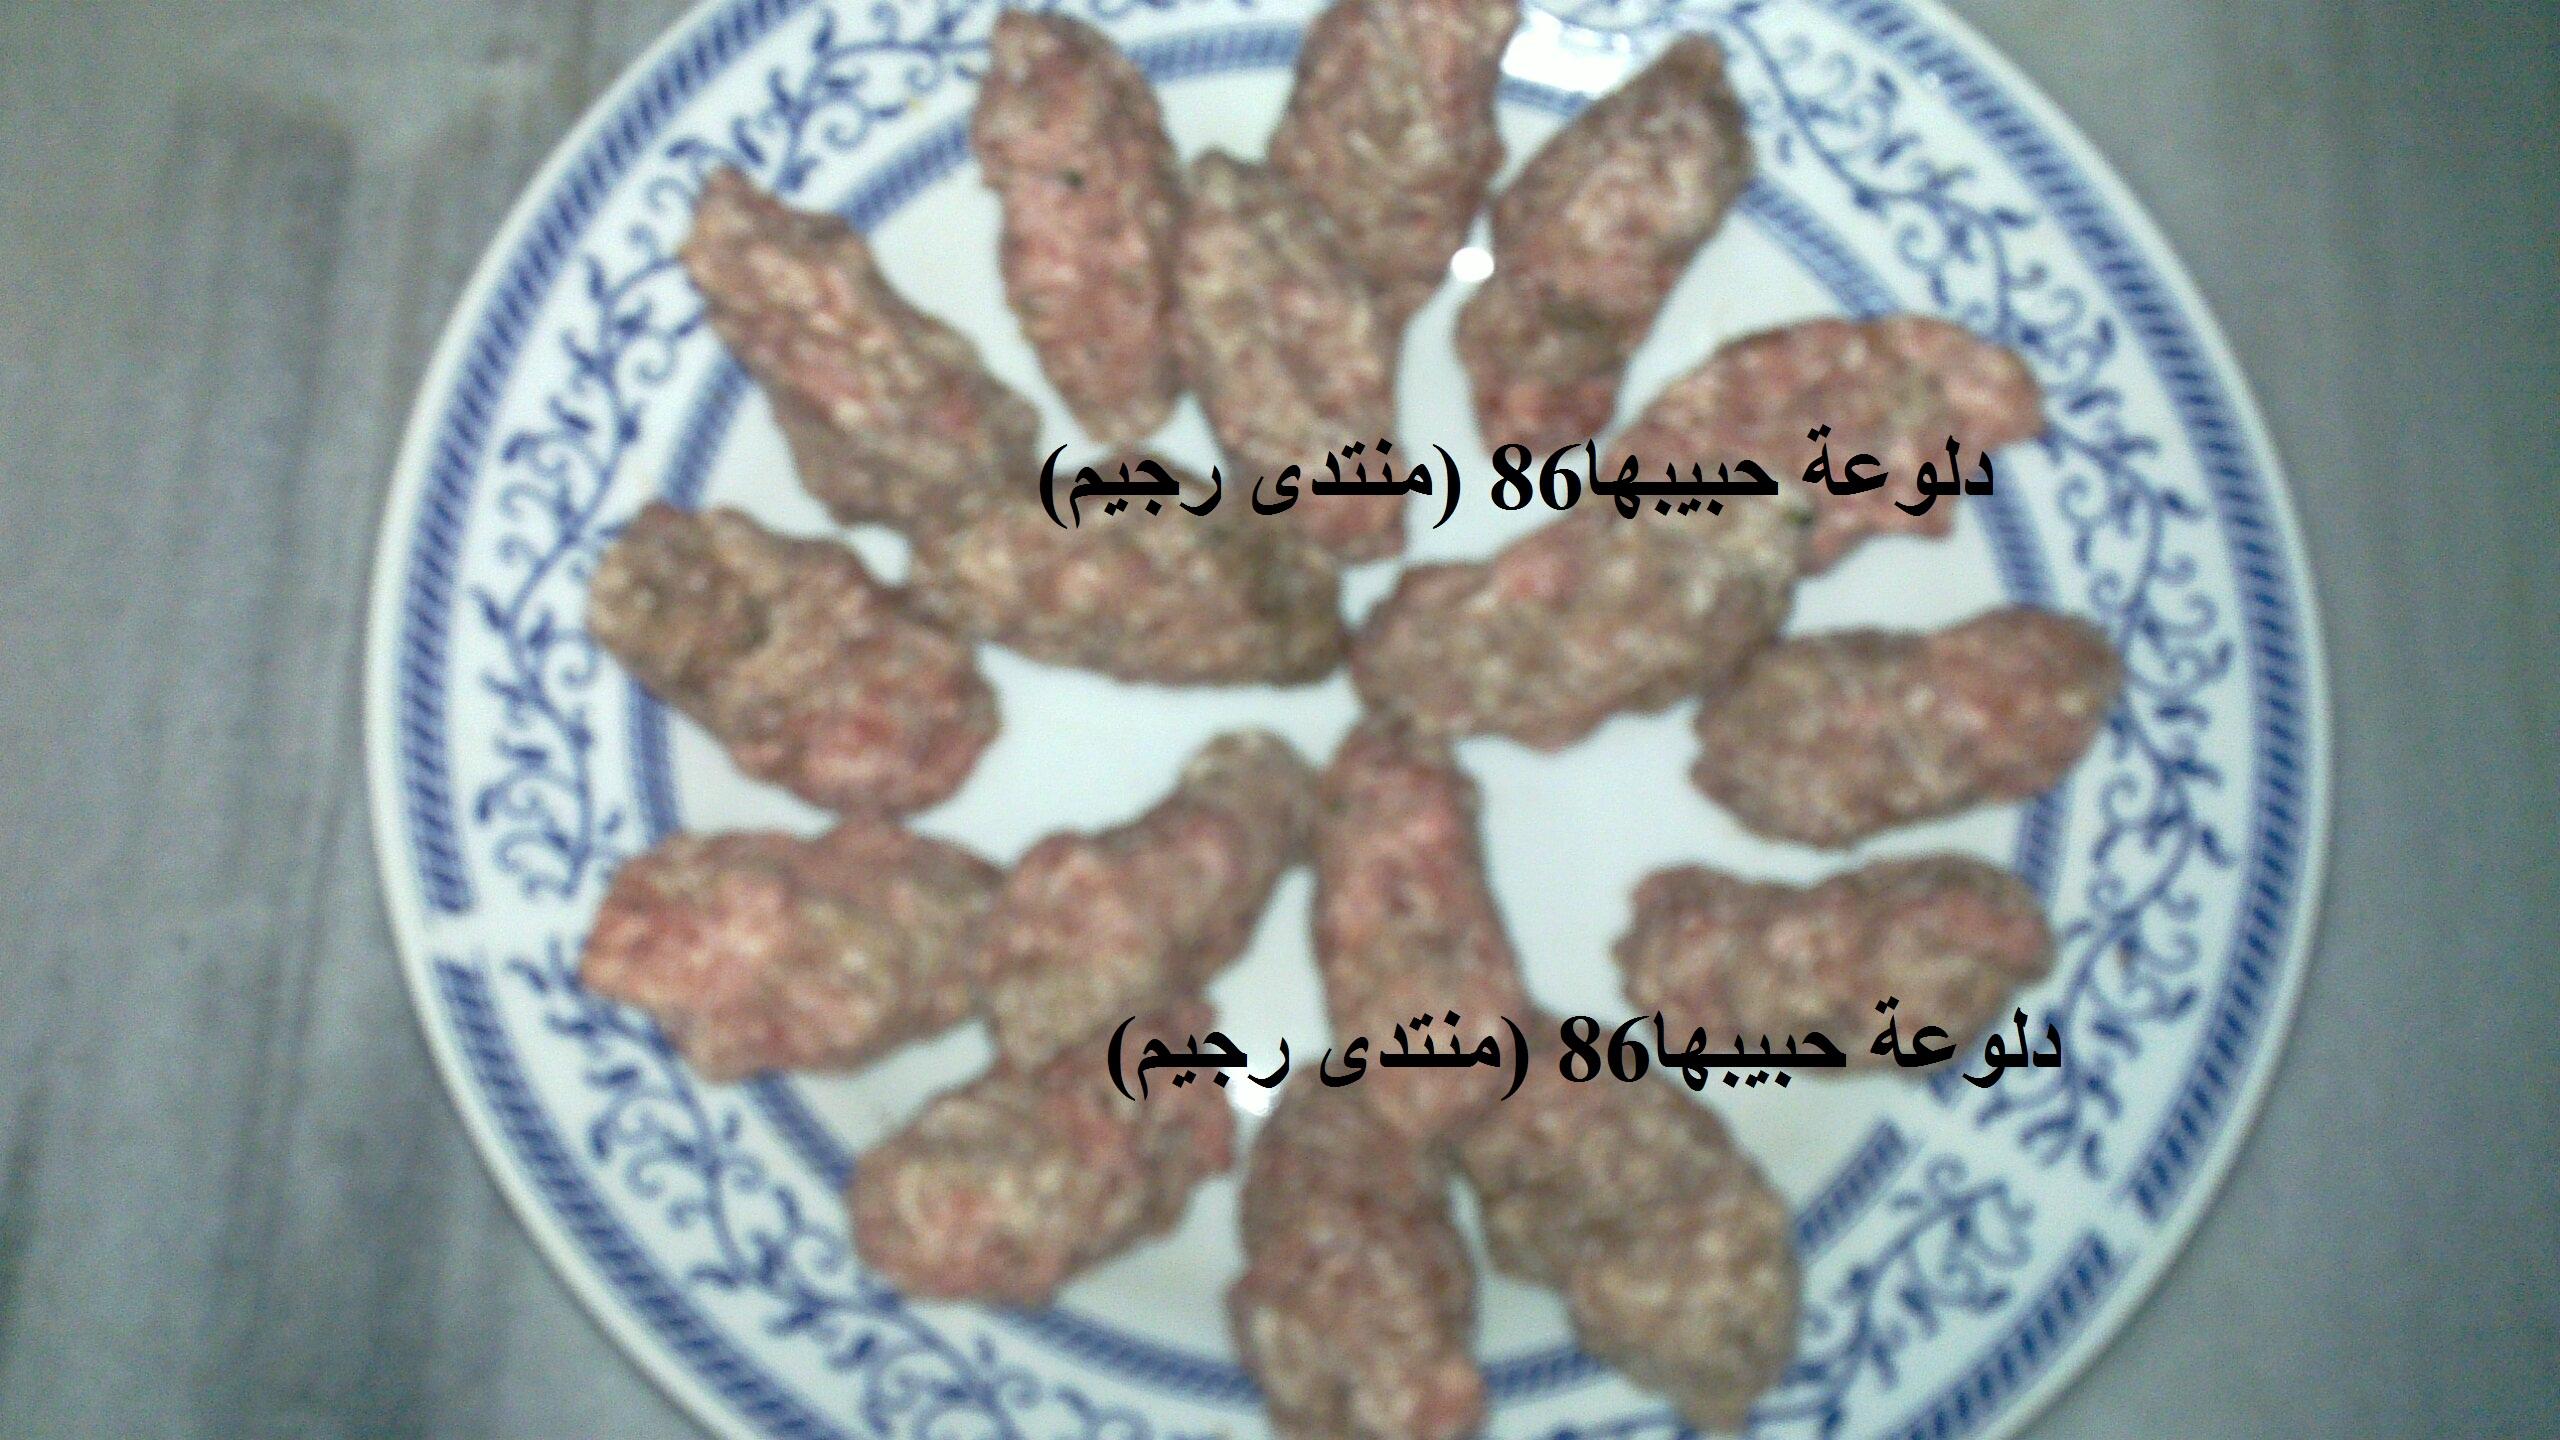 كباب هندي بالصور من مطبخي روعة وكلكم معزومين 13569390734.jpg